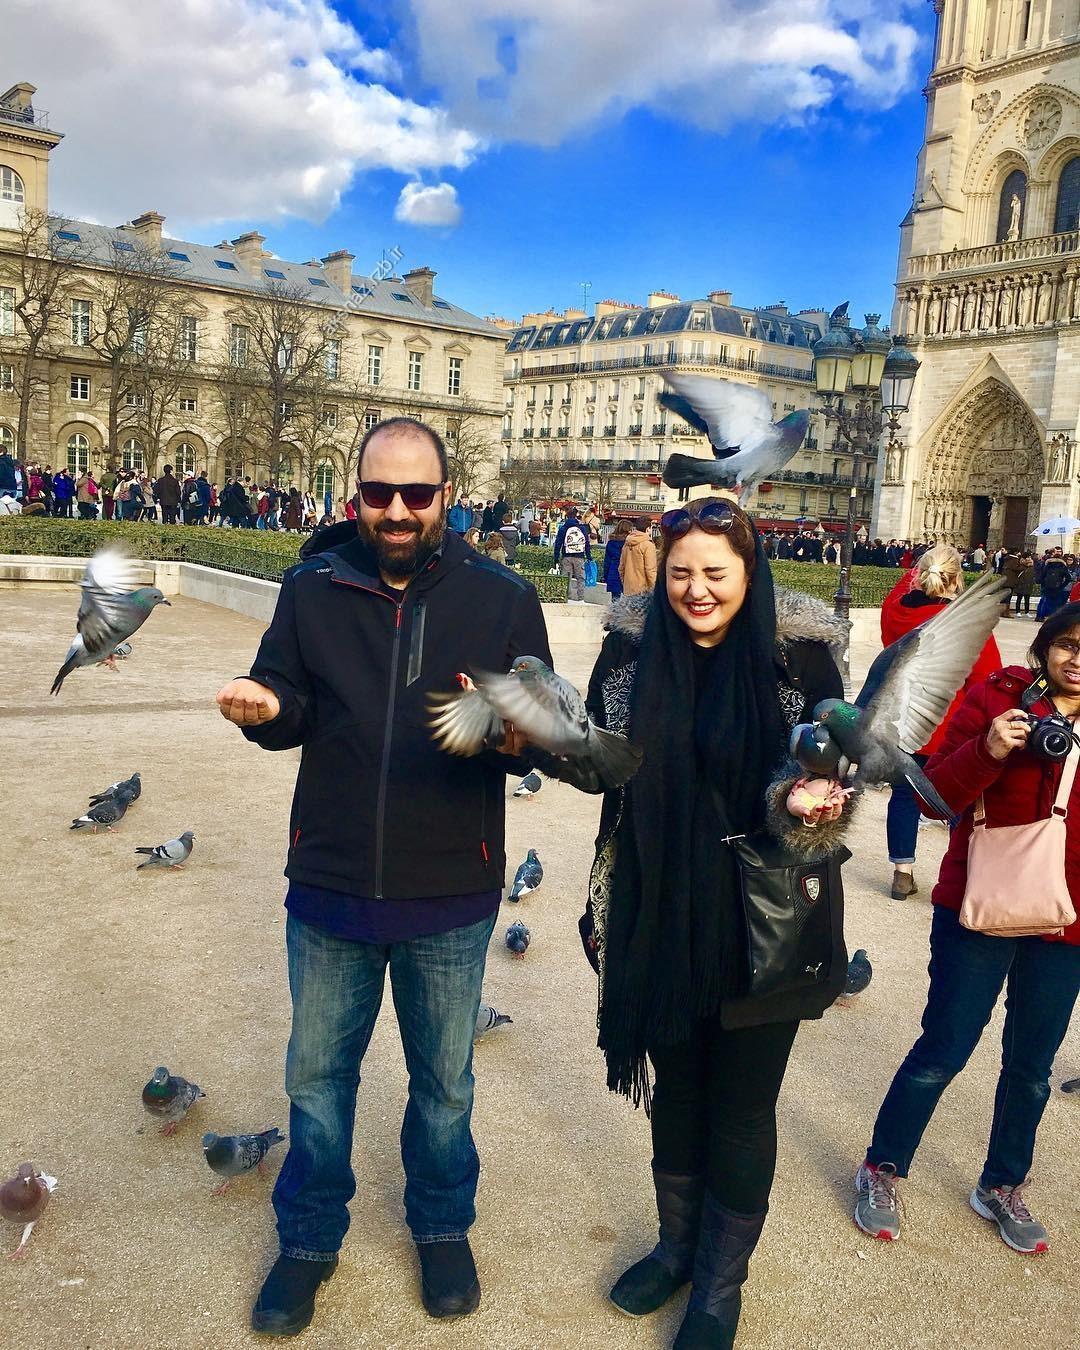 عکس های جدید از نرگس محمدی و همسرش علی اوجی